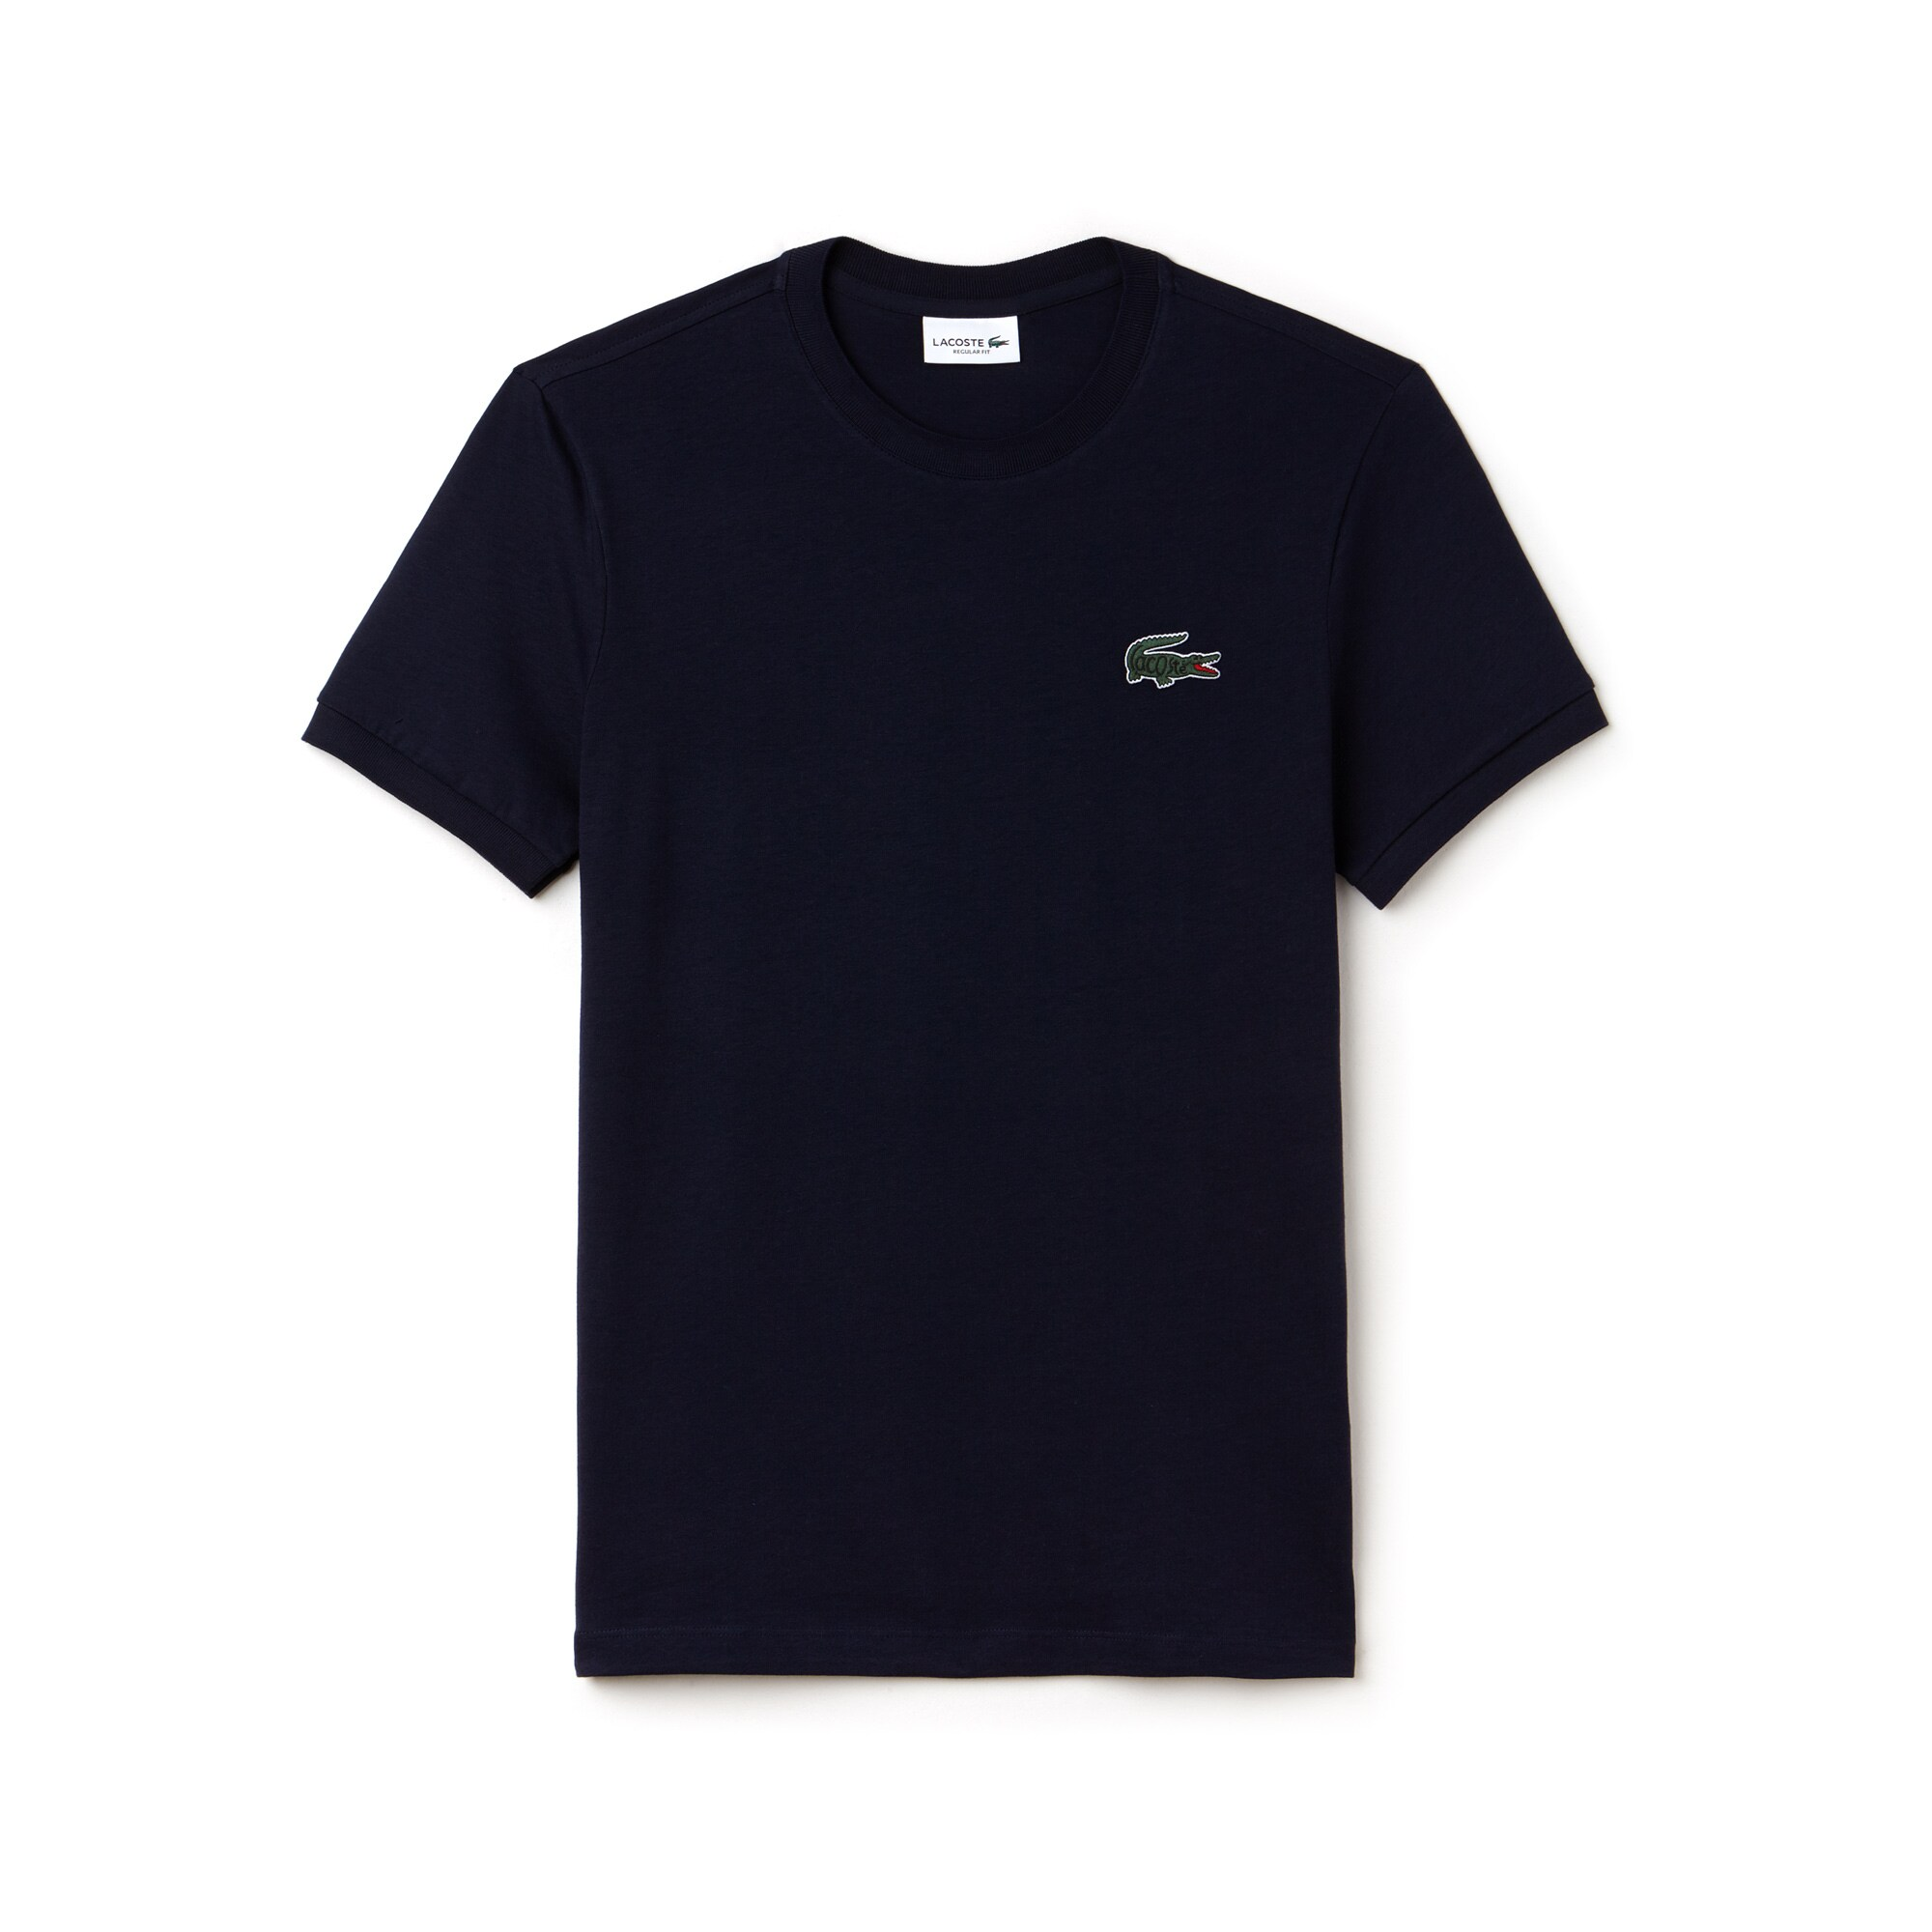 T-shirt decote redondo em jersey de algodão com crocodilo marcação Lacoste